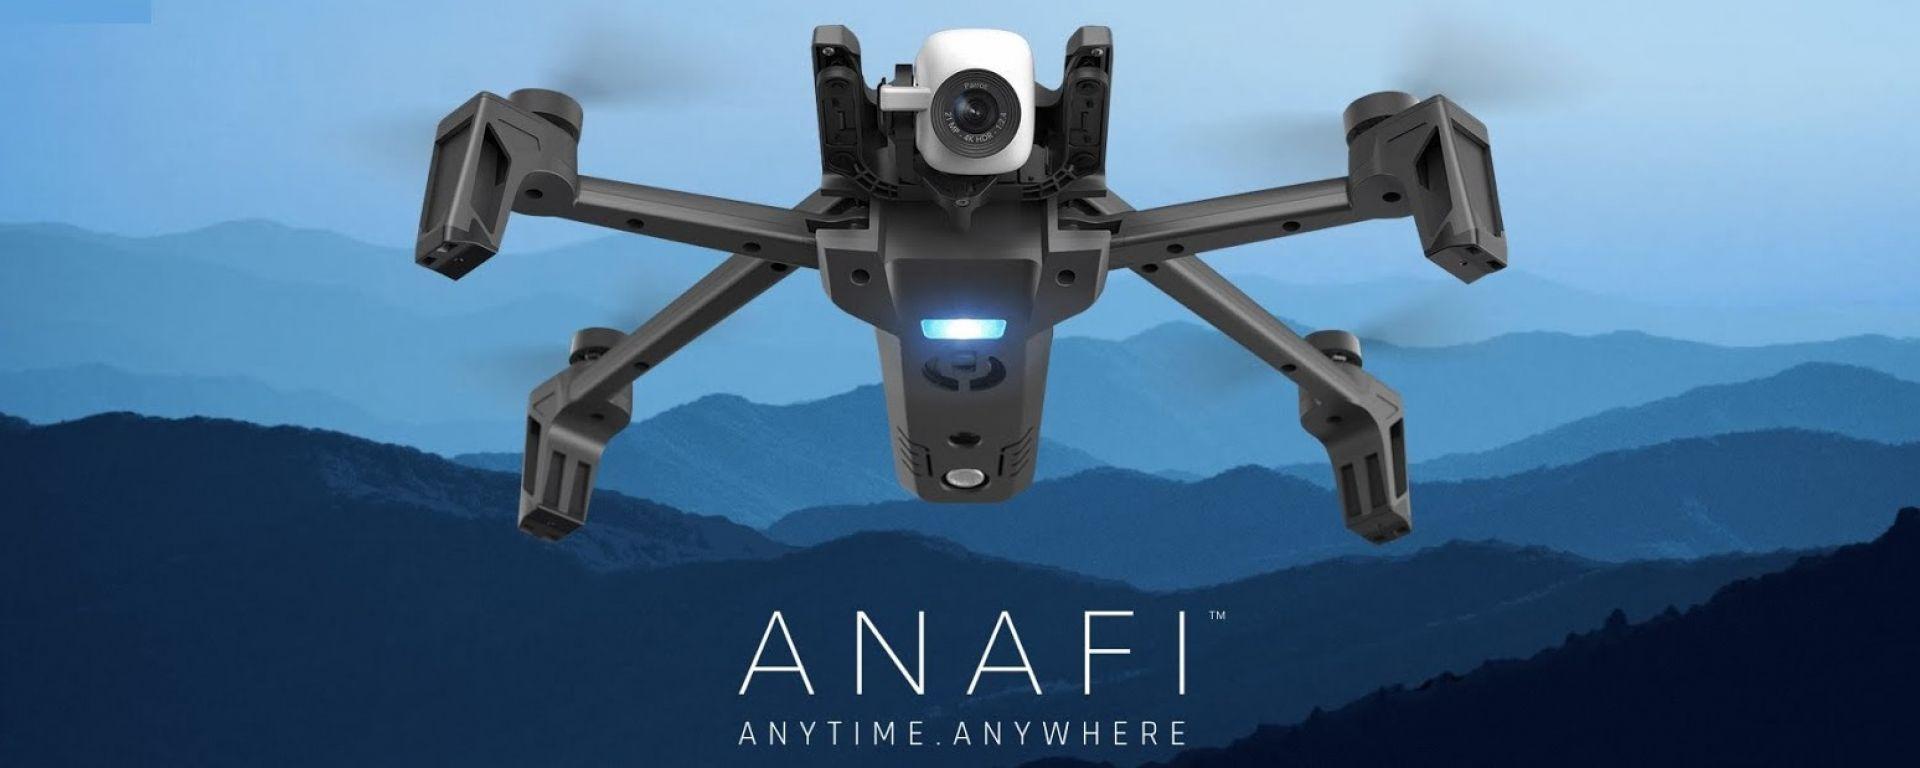 Parrot ANAFI: il drone 4K con gimbal digitale e il peso di 320 grammi